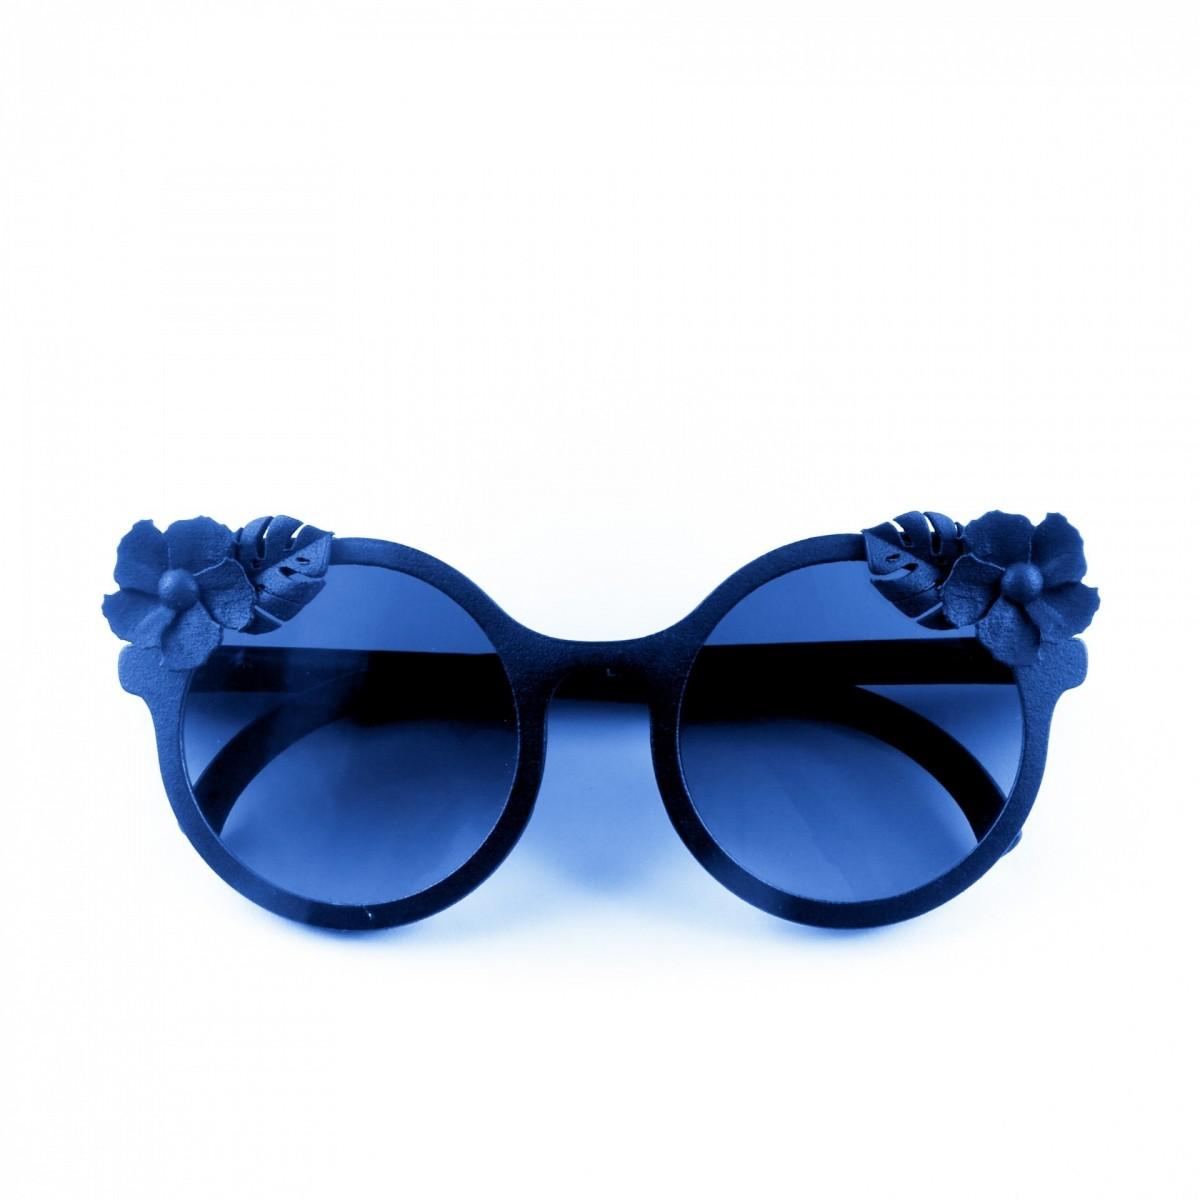 Cambiami Ibisco donna blu, 90,00€, Occhiali Cambiami Blu a forma Rotondo